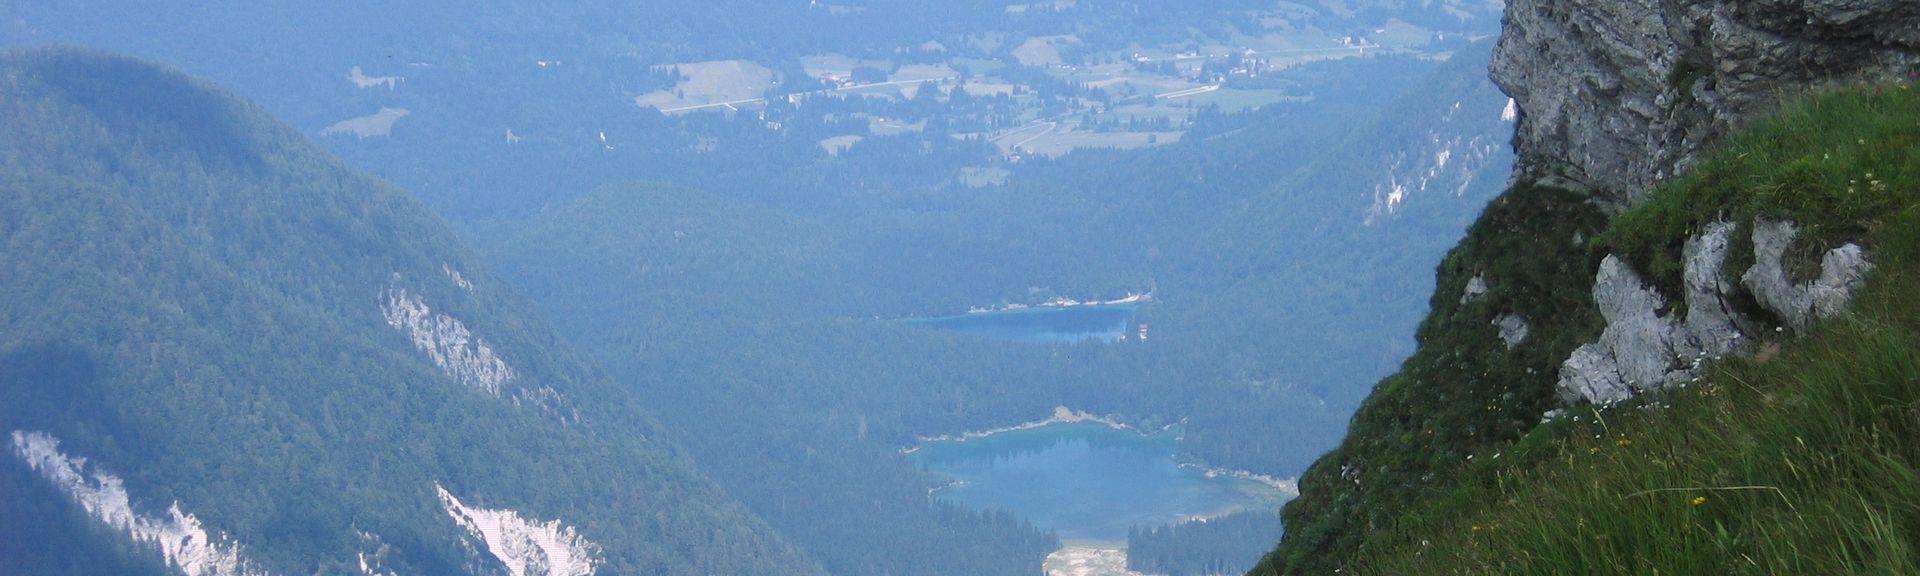 Notsch im Gailtal, Carinthia, Austria